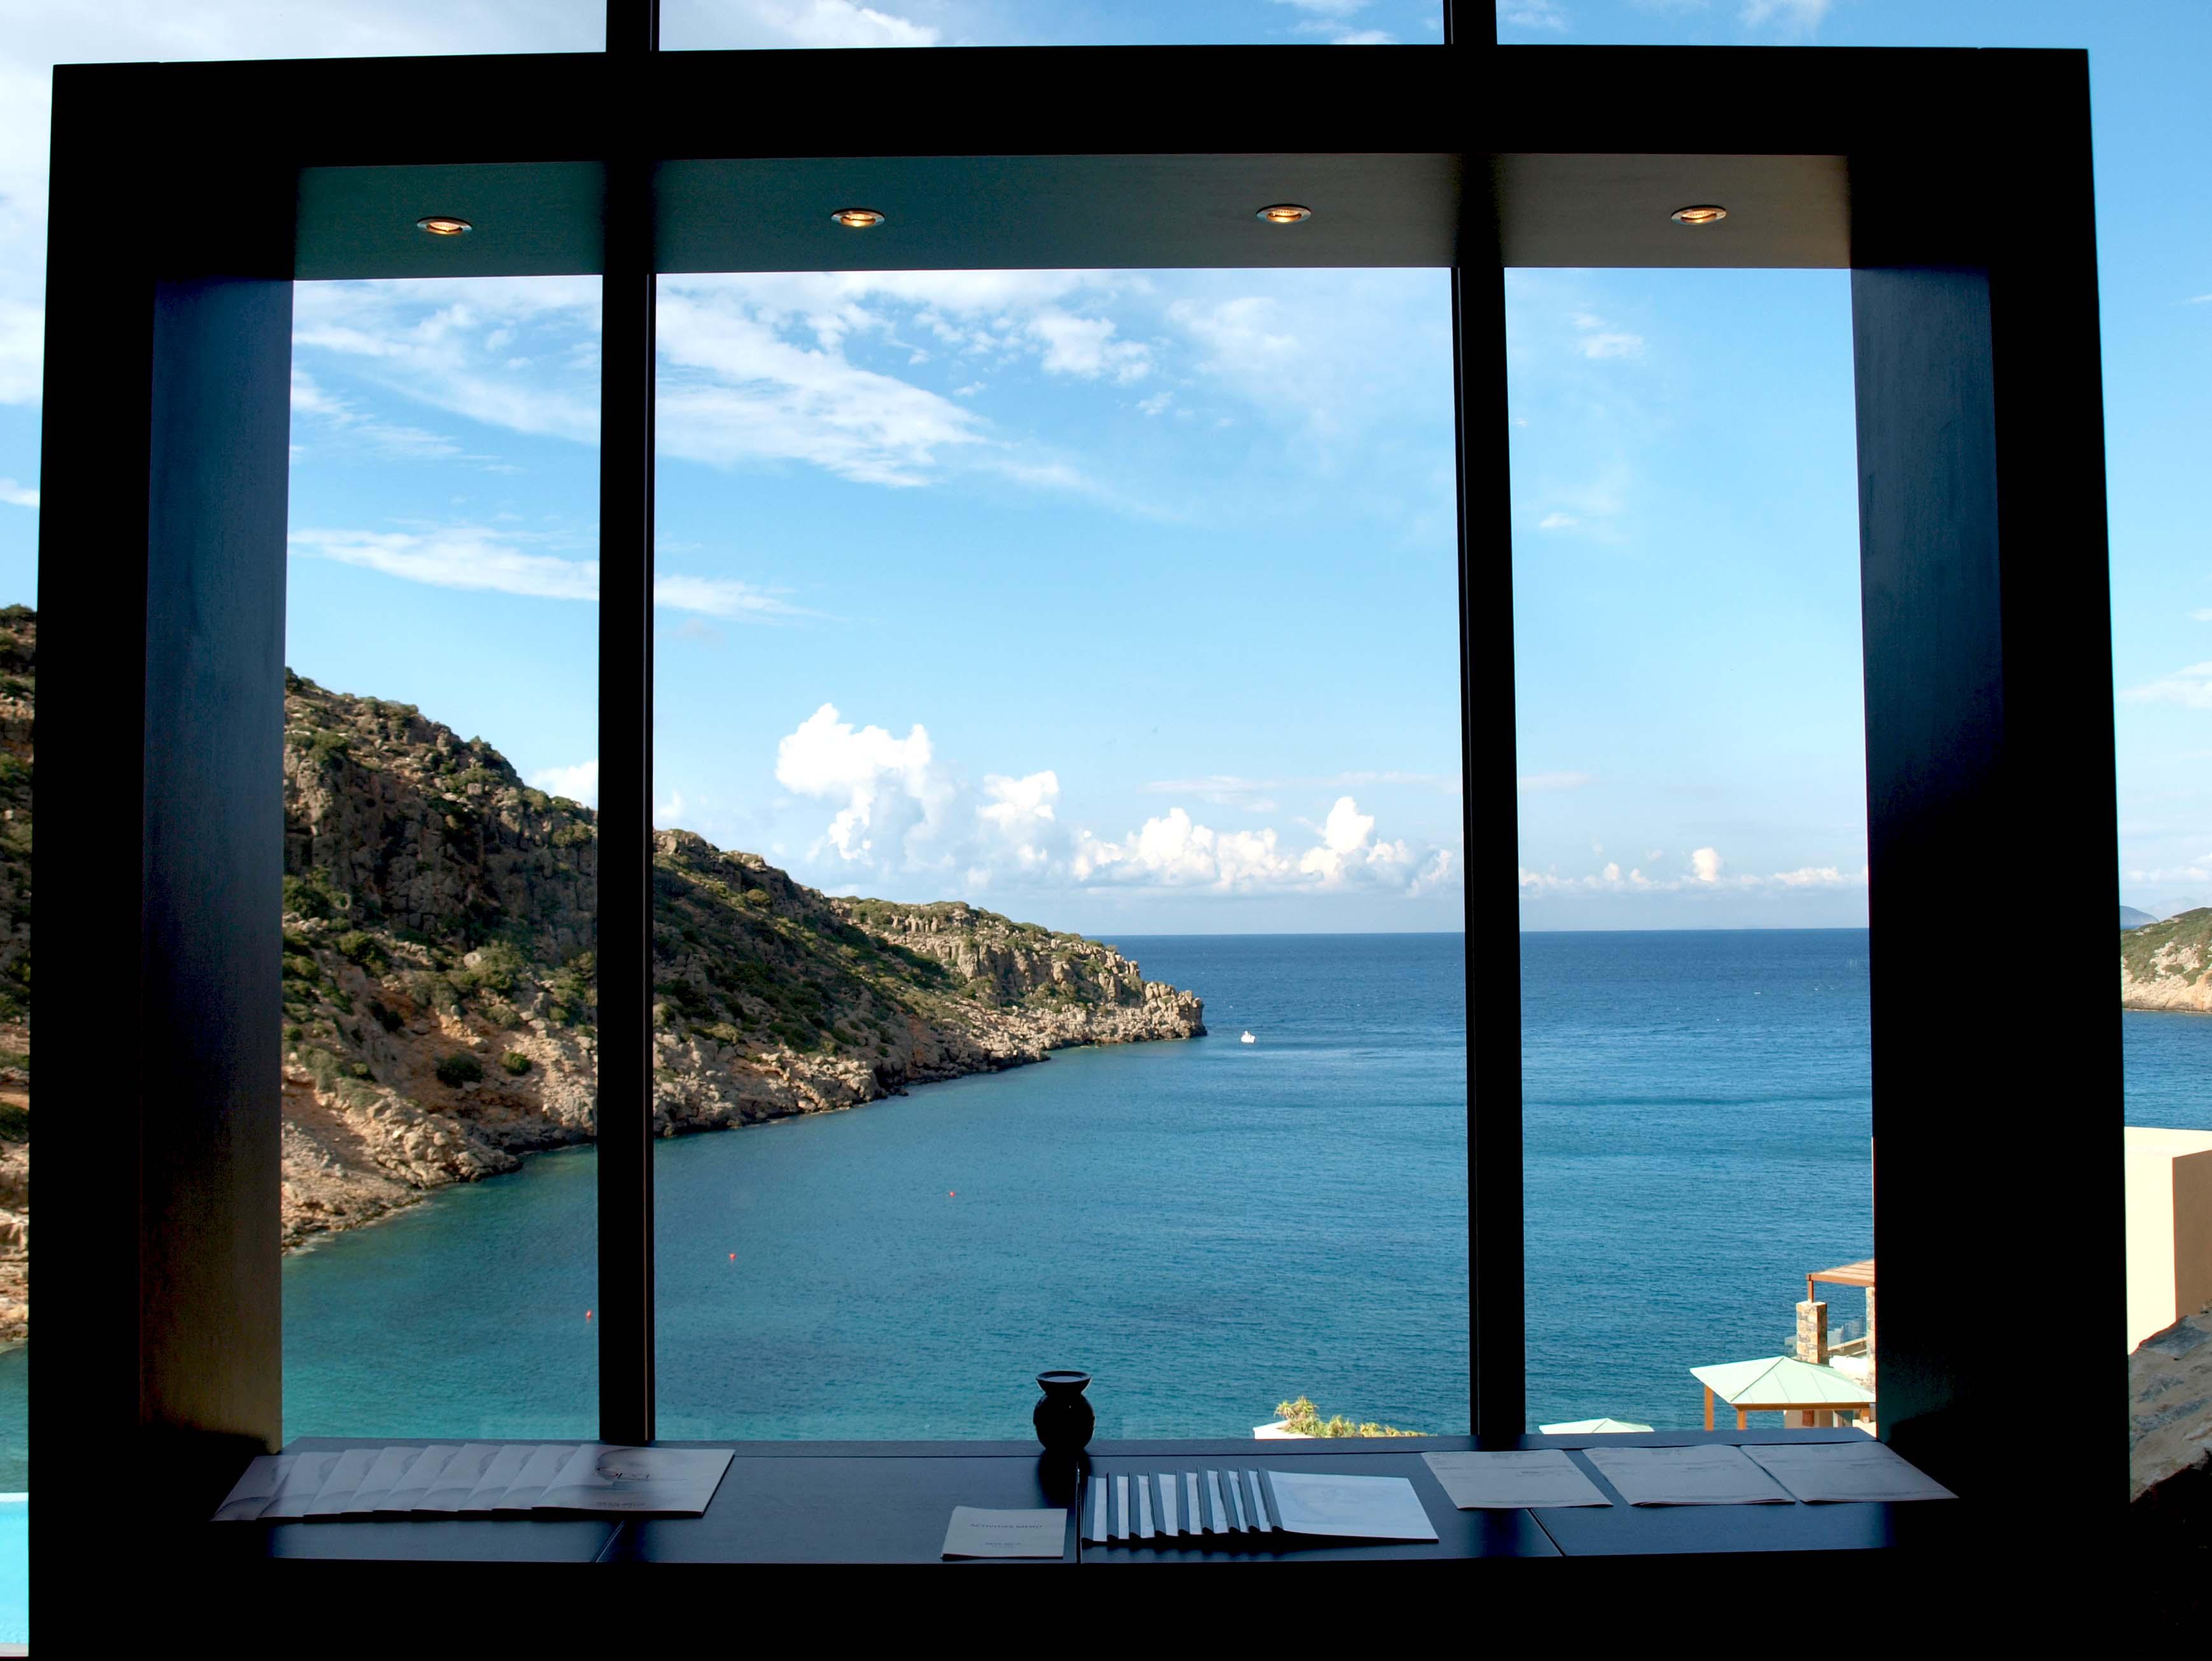 выезд терминал открытое окно на море фото принять внимание, что